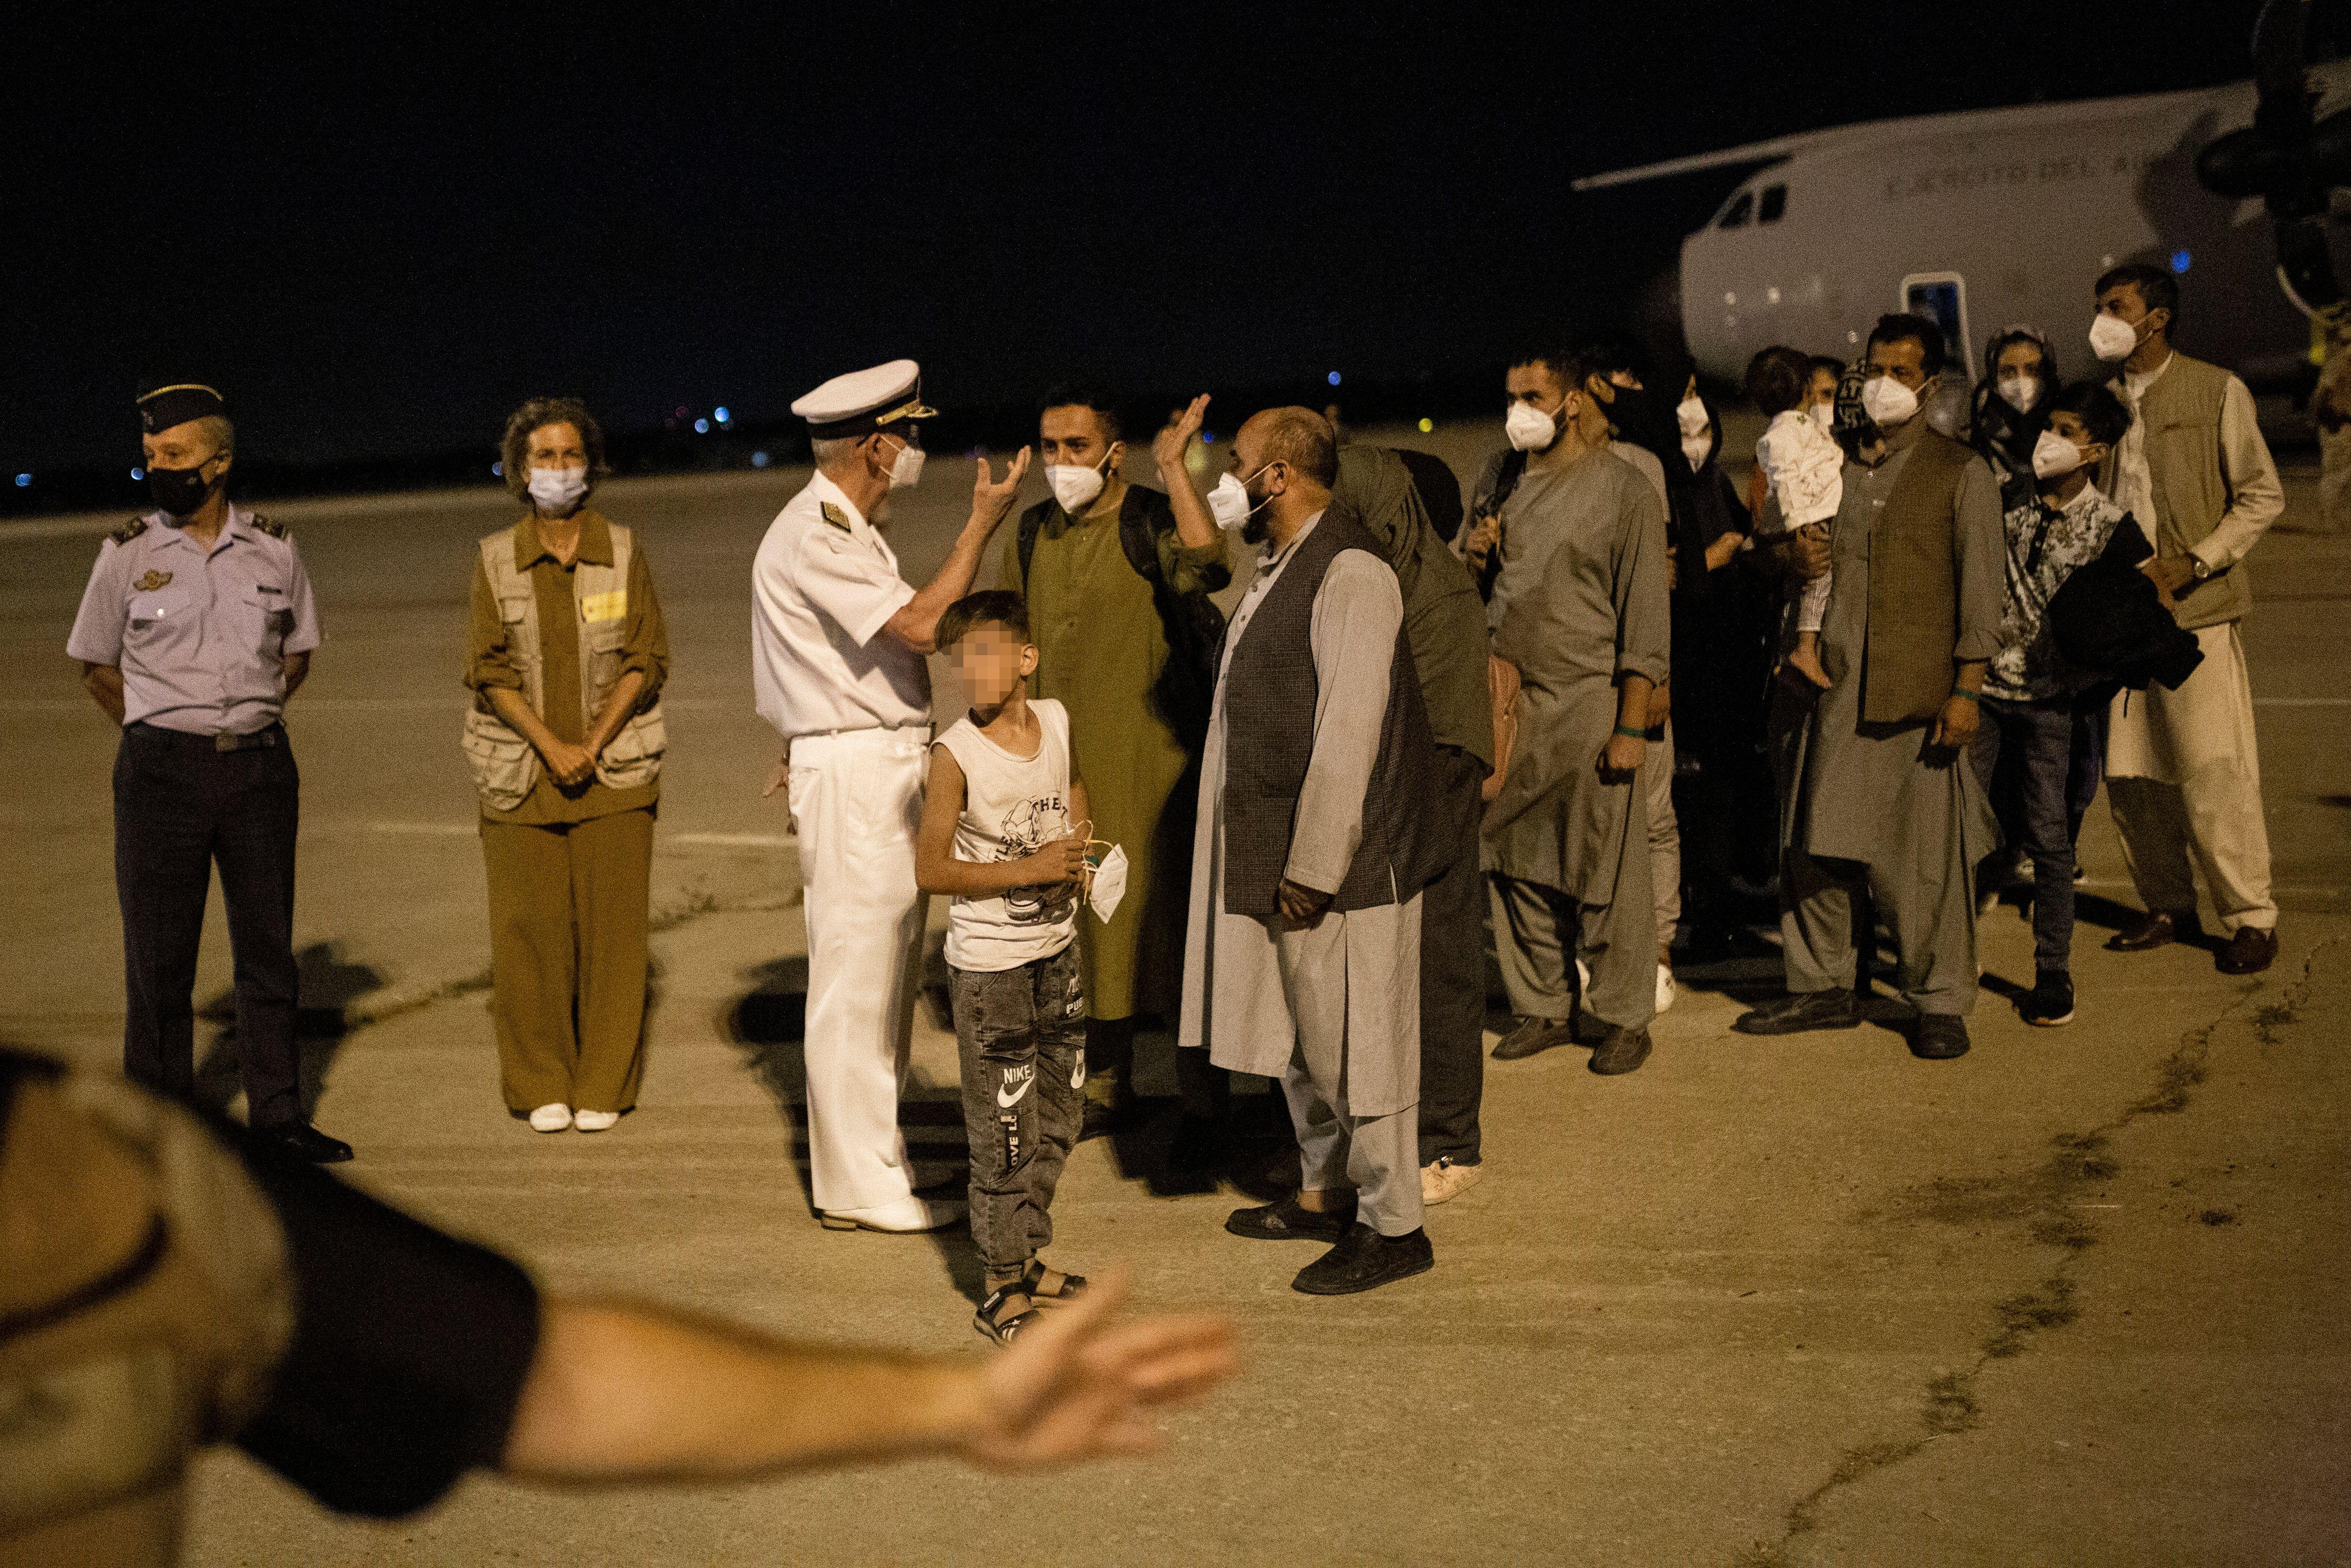 19-08-2021 Varias personas repatriadas llegan a la pista tras bajarse del avión A400M en el que ha sido evacuados de Kabul, a 19 de agosto de 2021, en Torrejón de Ardoz, Madrid, (España). El avión, enviado por el Gobierno de España, ha repatriado a un primer grupo de 55 españoles y colaboradores afganos. La repatriación se produce debido a la tensa situación en la que se encuentra Afganistán donde los talibán se hicieron el pasado domingo con el control. POLITICA  Alejandro Martínez Vélez - Europa Press